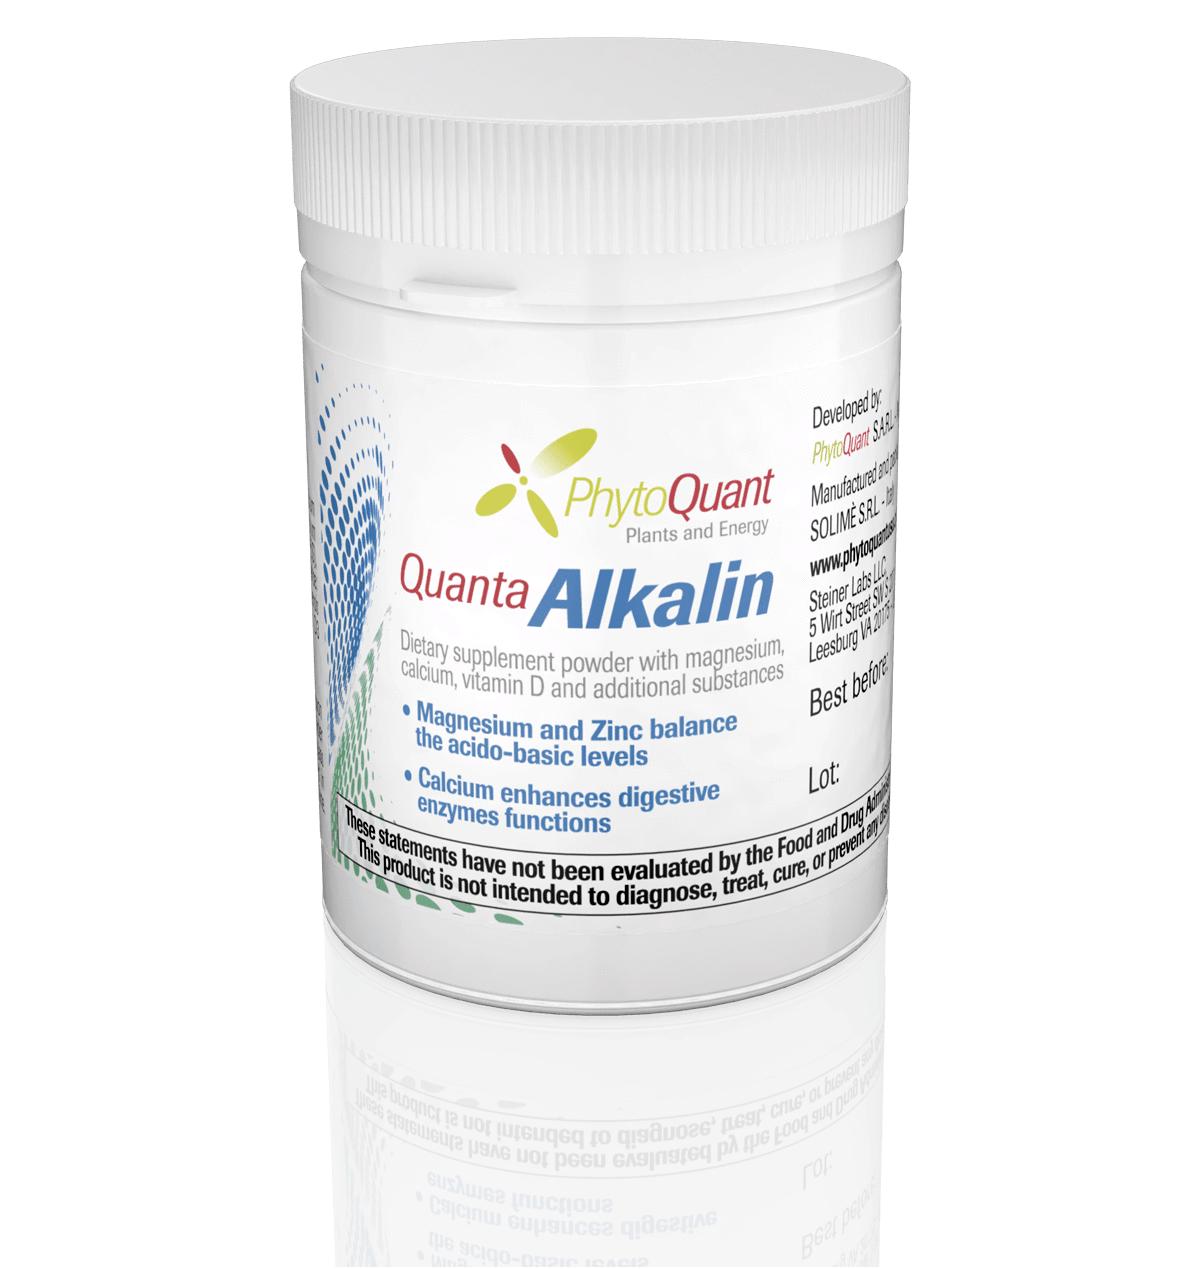 QuantaAlkalin